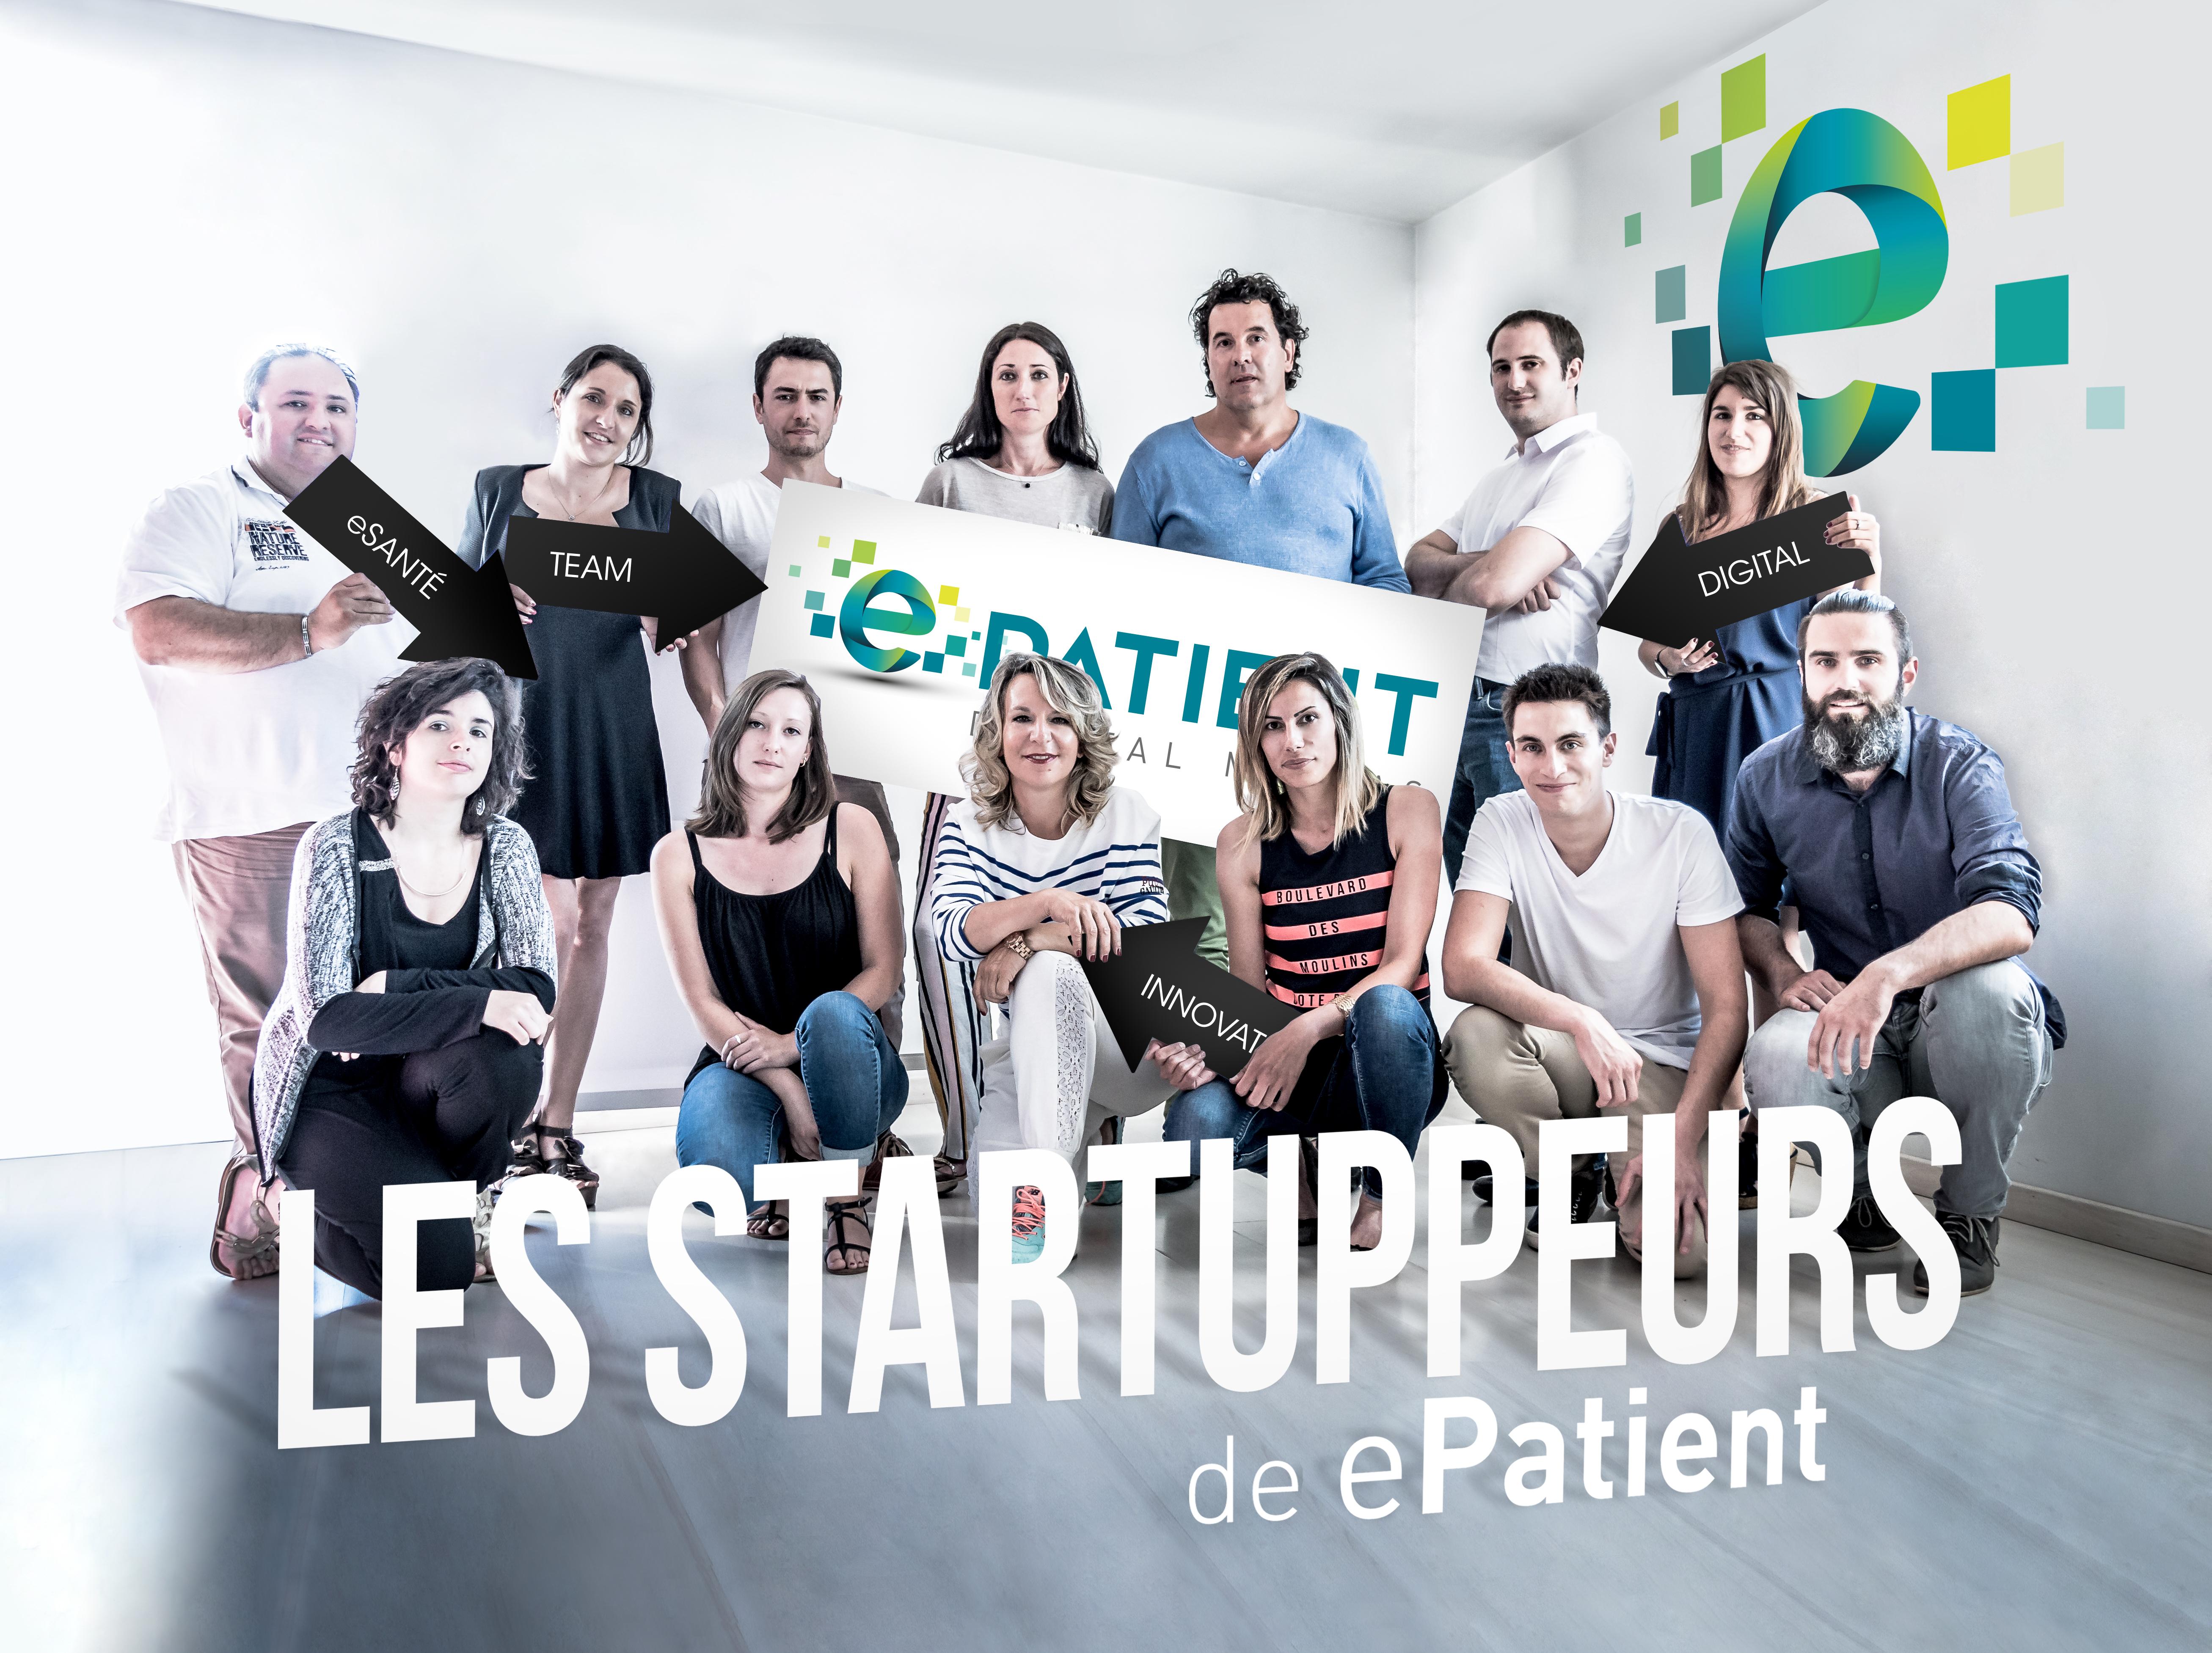 COMEVENTS - Startuppeurs Epatient